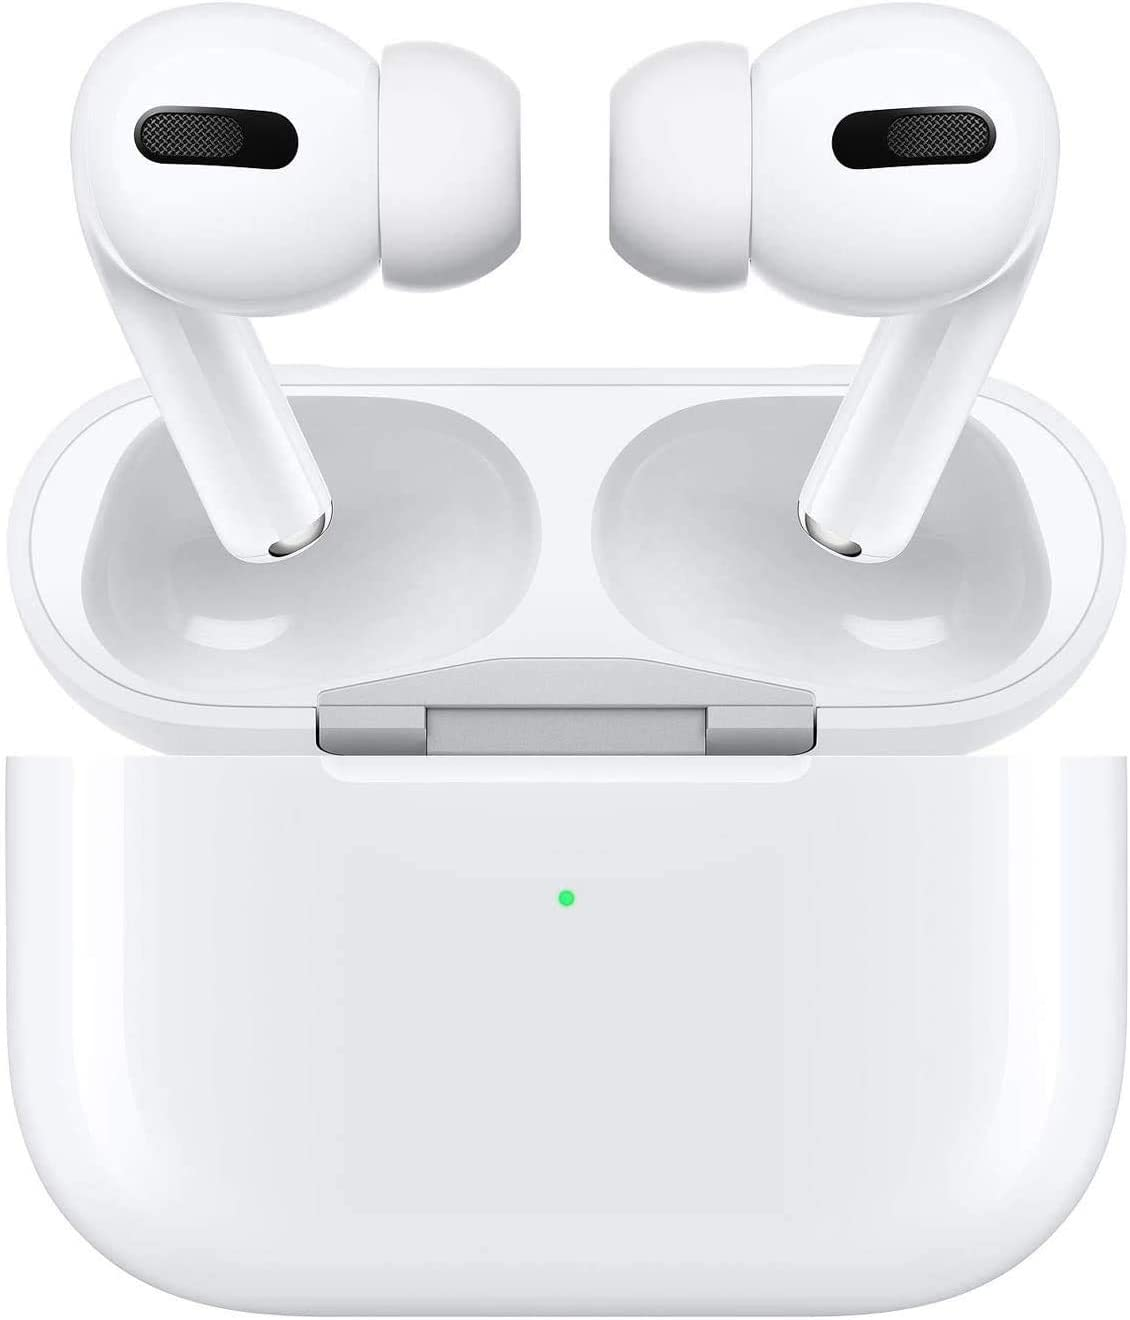 Auriculares Inalámbricos Bluetooth 5.0,HiFi Mini Estéreo In-Ear Bluetooth,TWS Cascos Bluetooth Inalámbricos con Microfono Dual Caja de Carga Portátil para iPhone Airpods y Android/Samsung